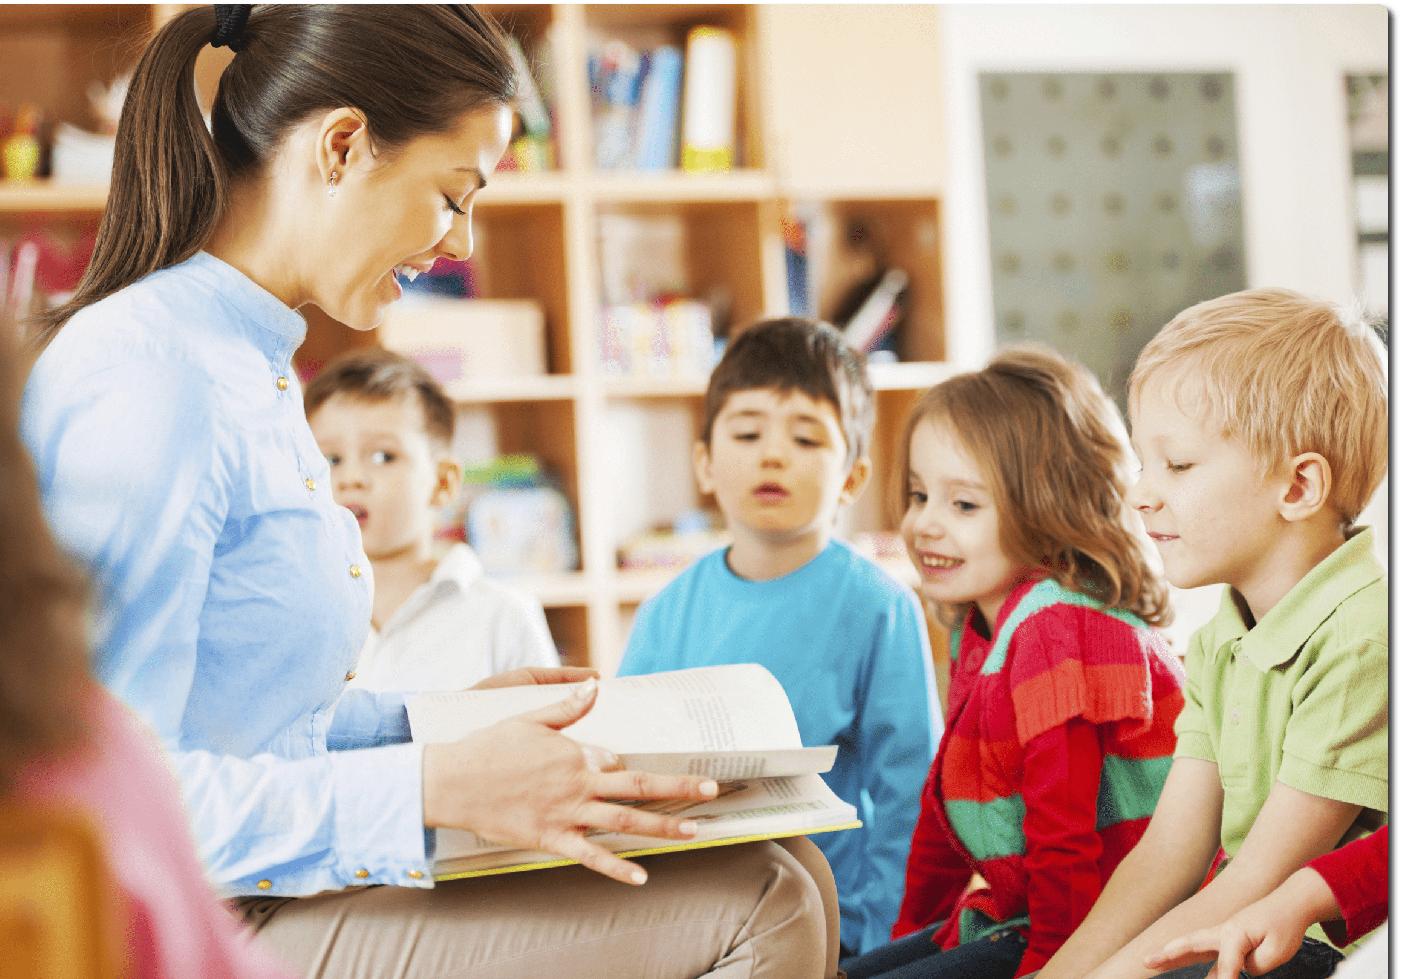 diferencia-entre-centro-de-educacion-infantil-y-escuela-infantil.png